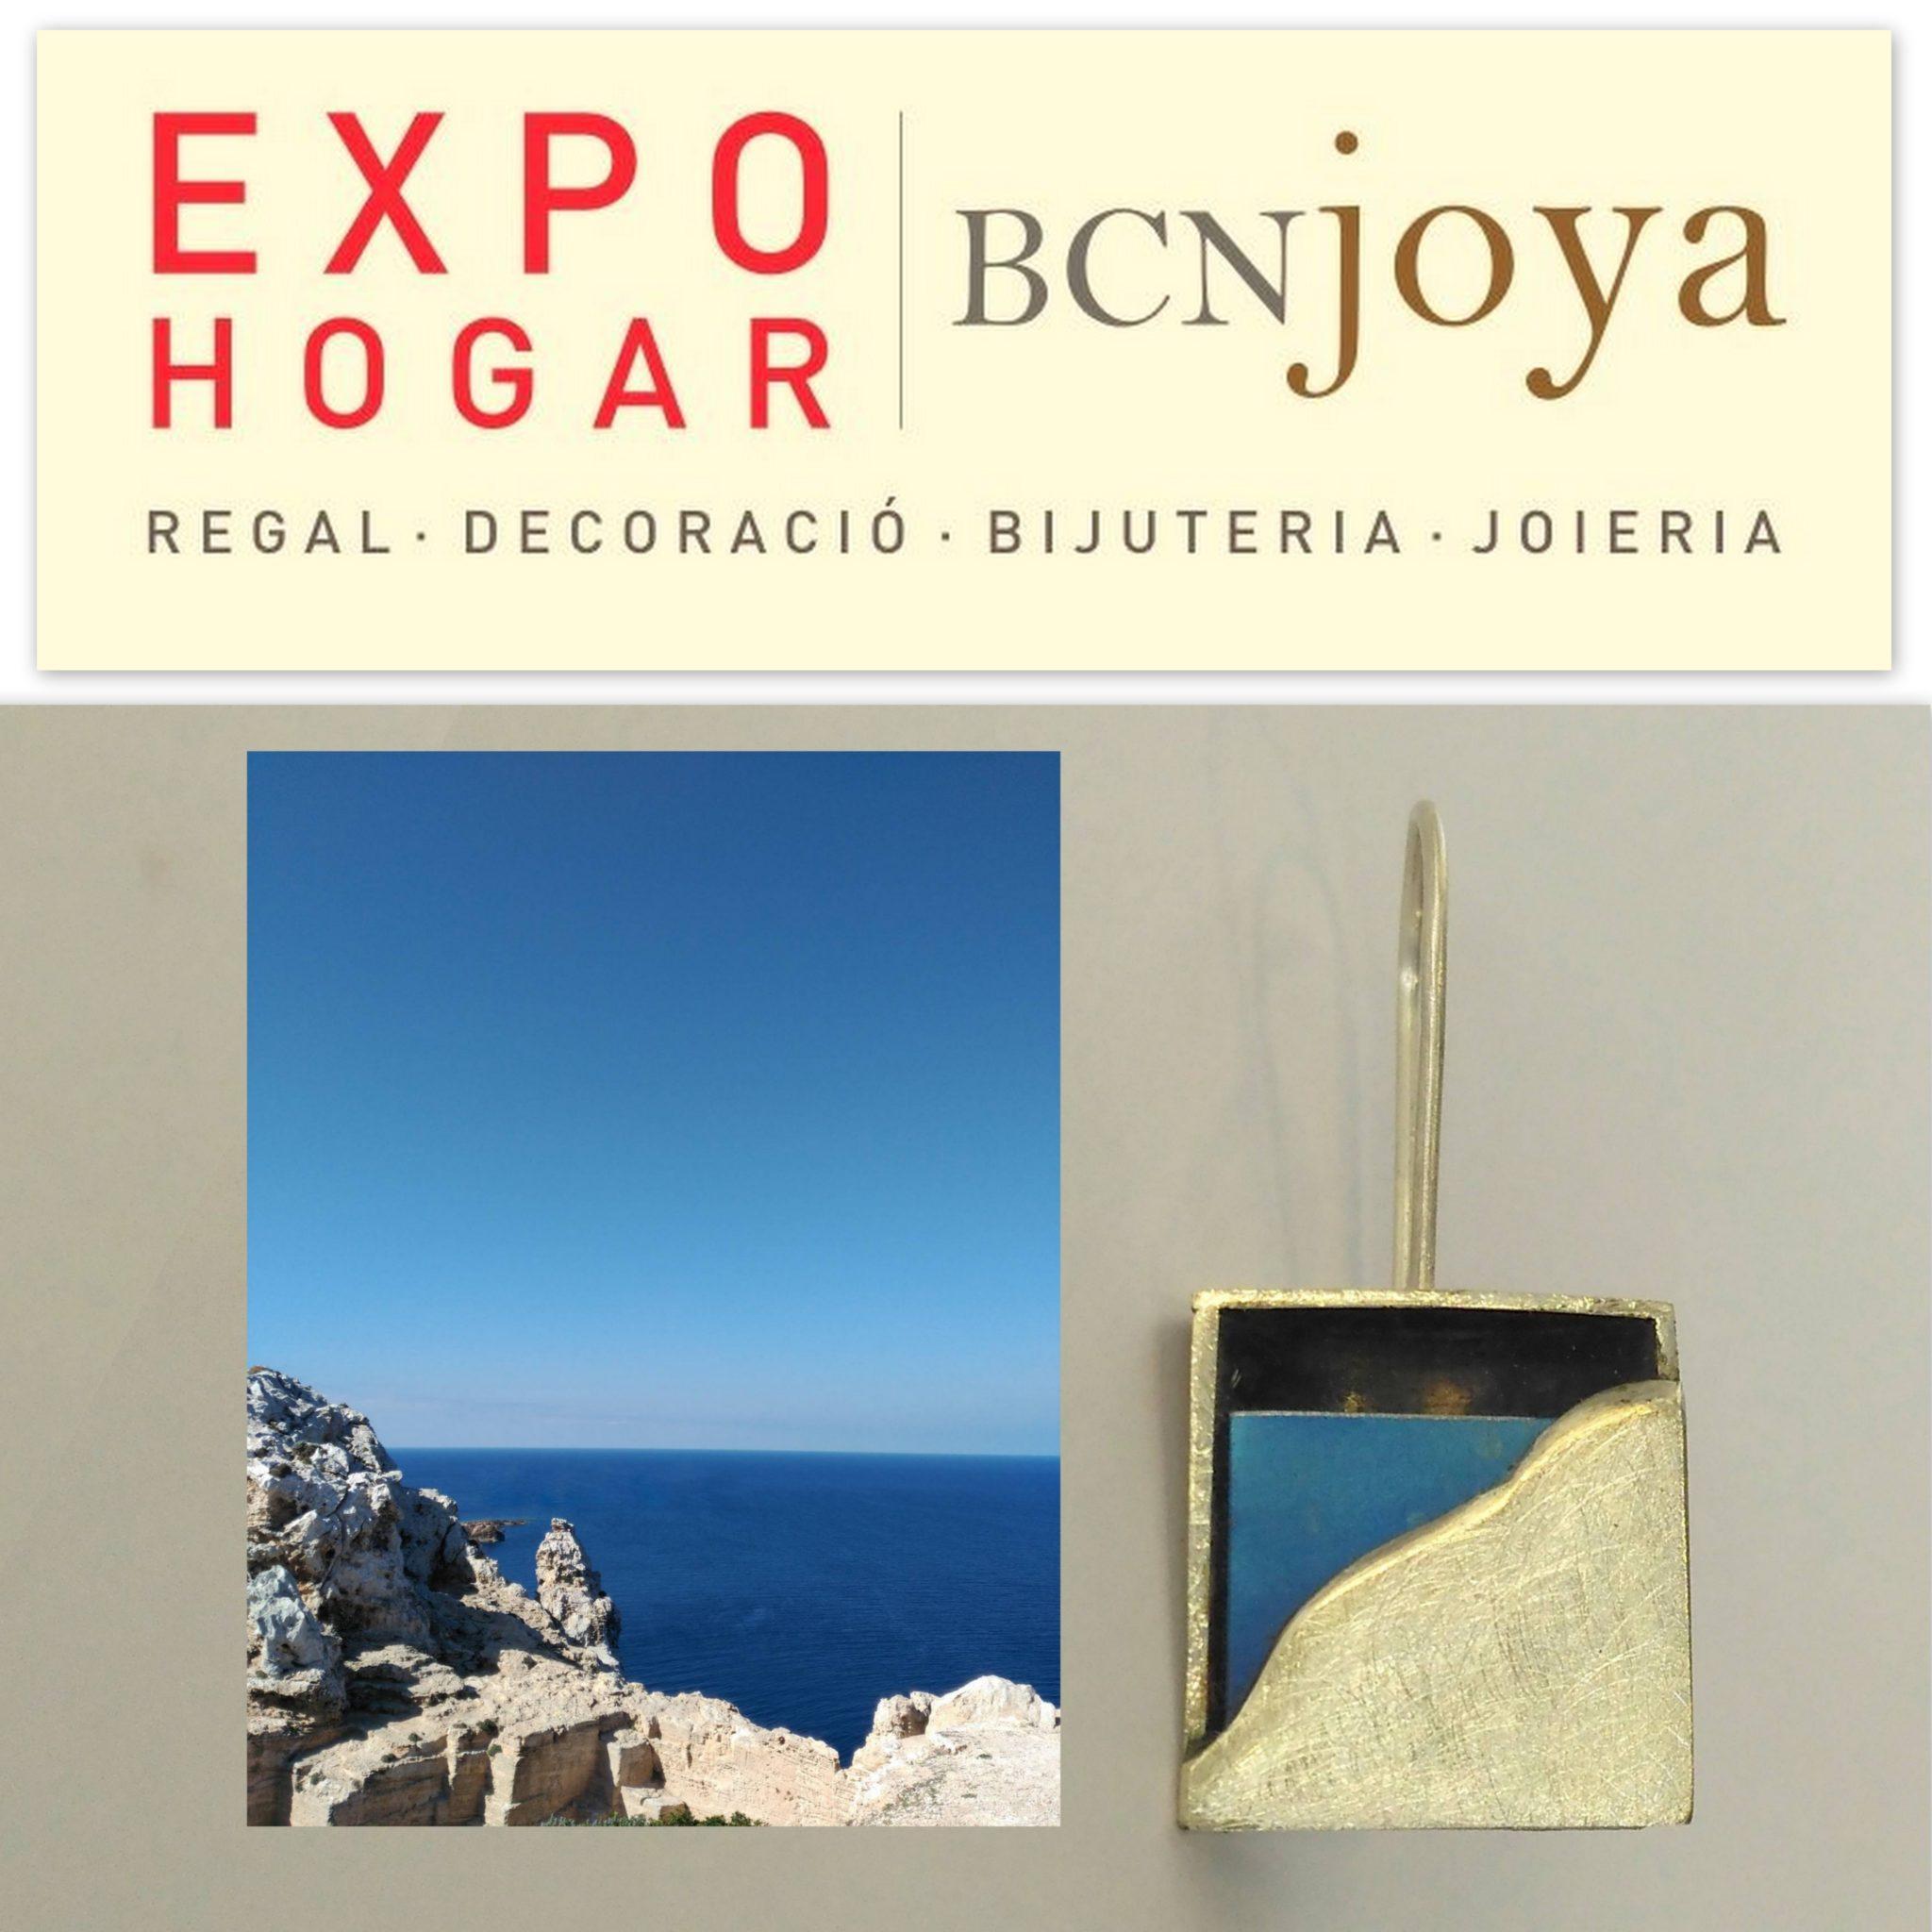 BCNjoya (Expohogar) 2018